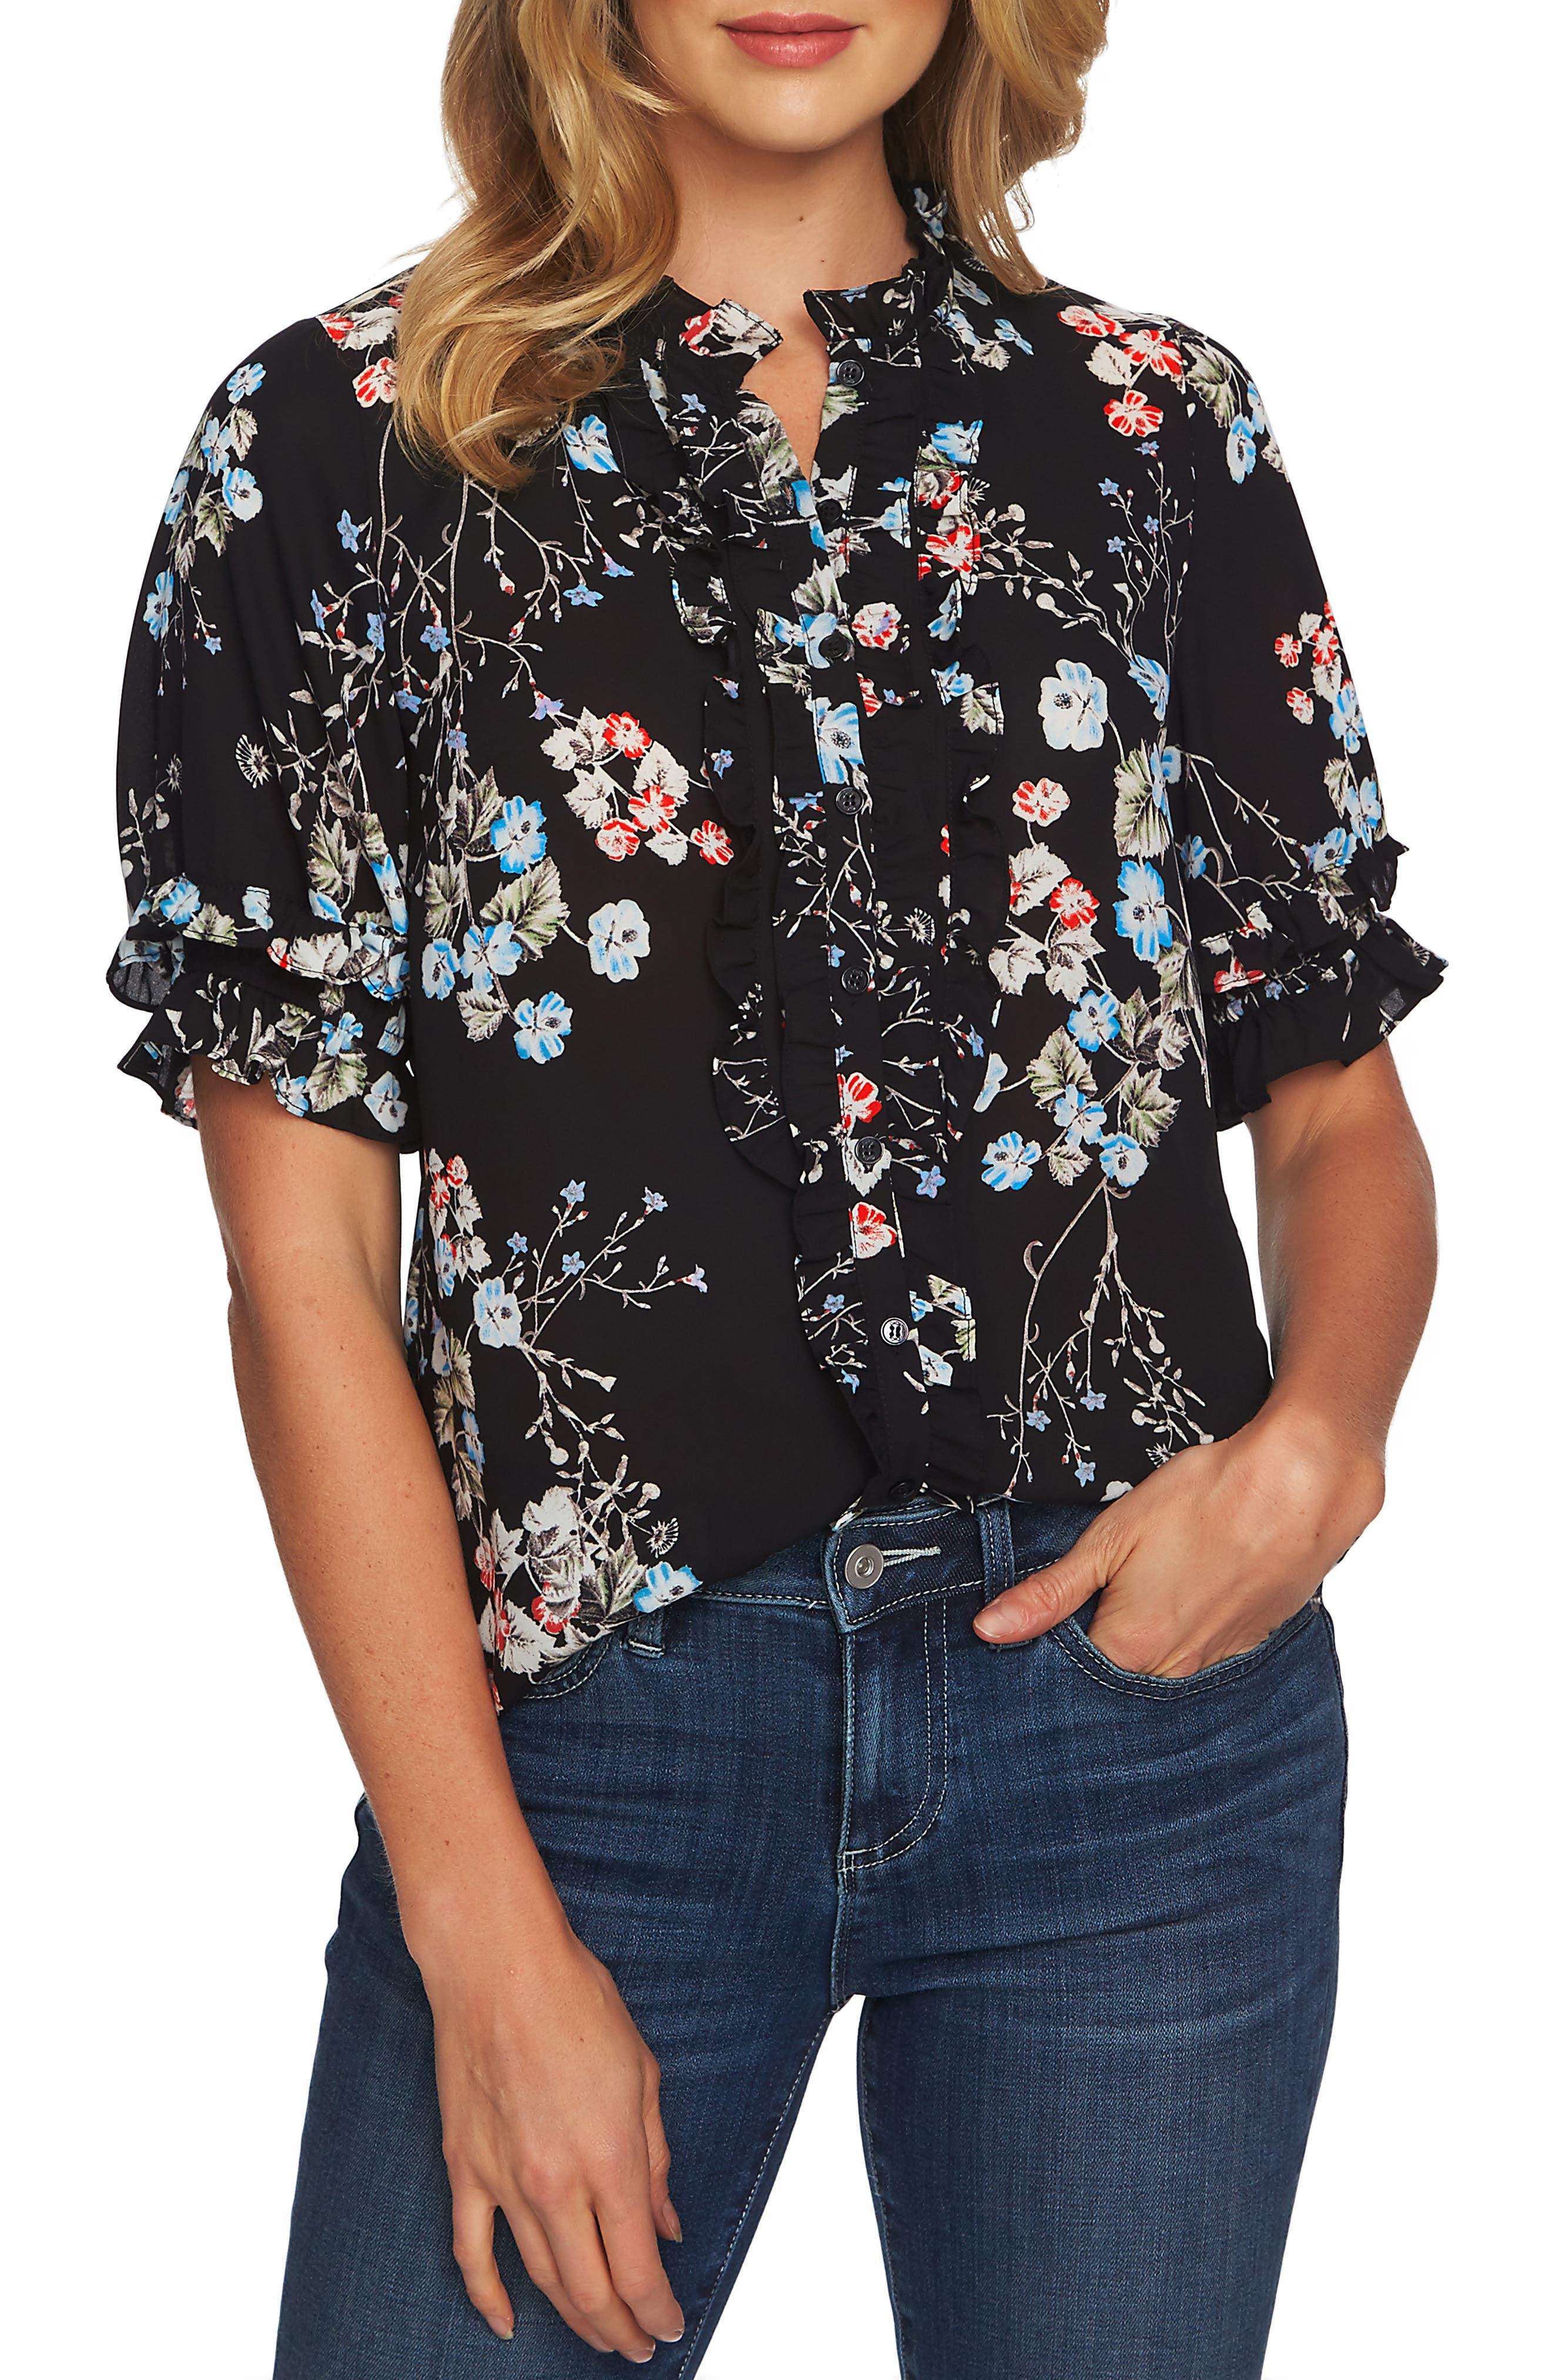 CECE Divine Floral Ruffle Blouse, Main, color, RICH BLACK